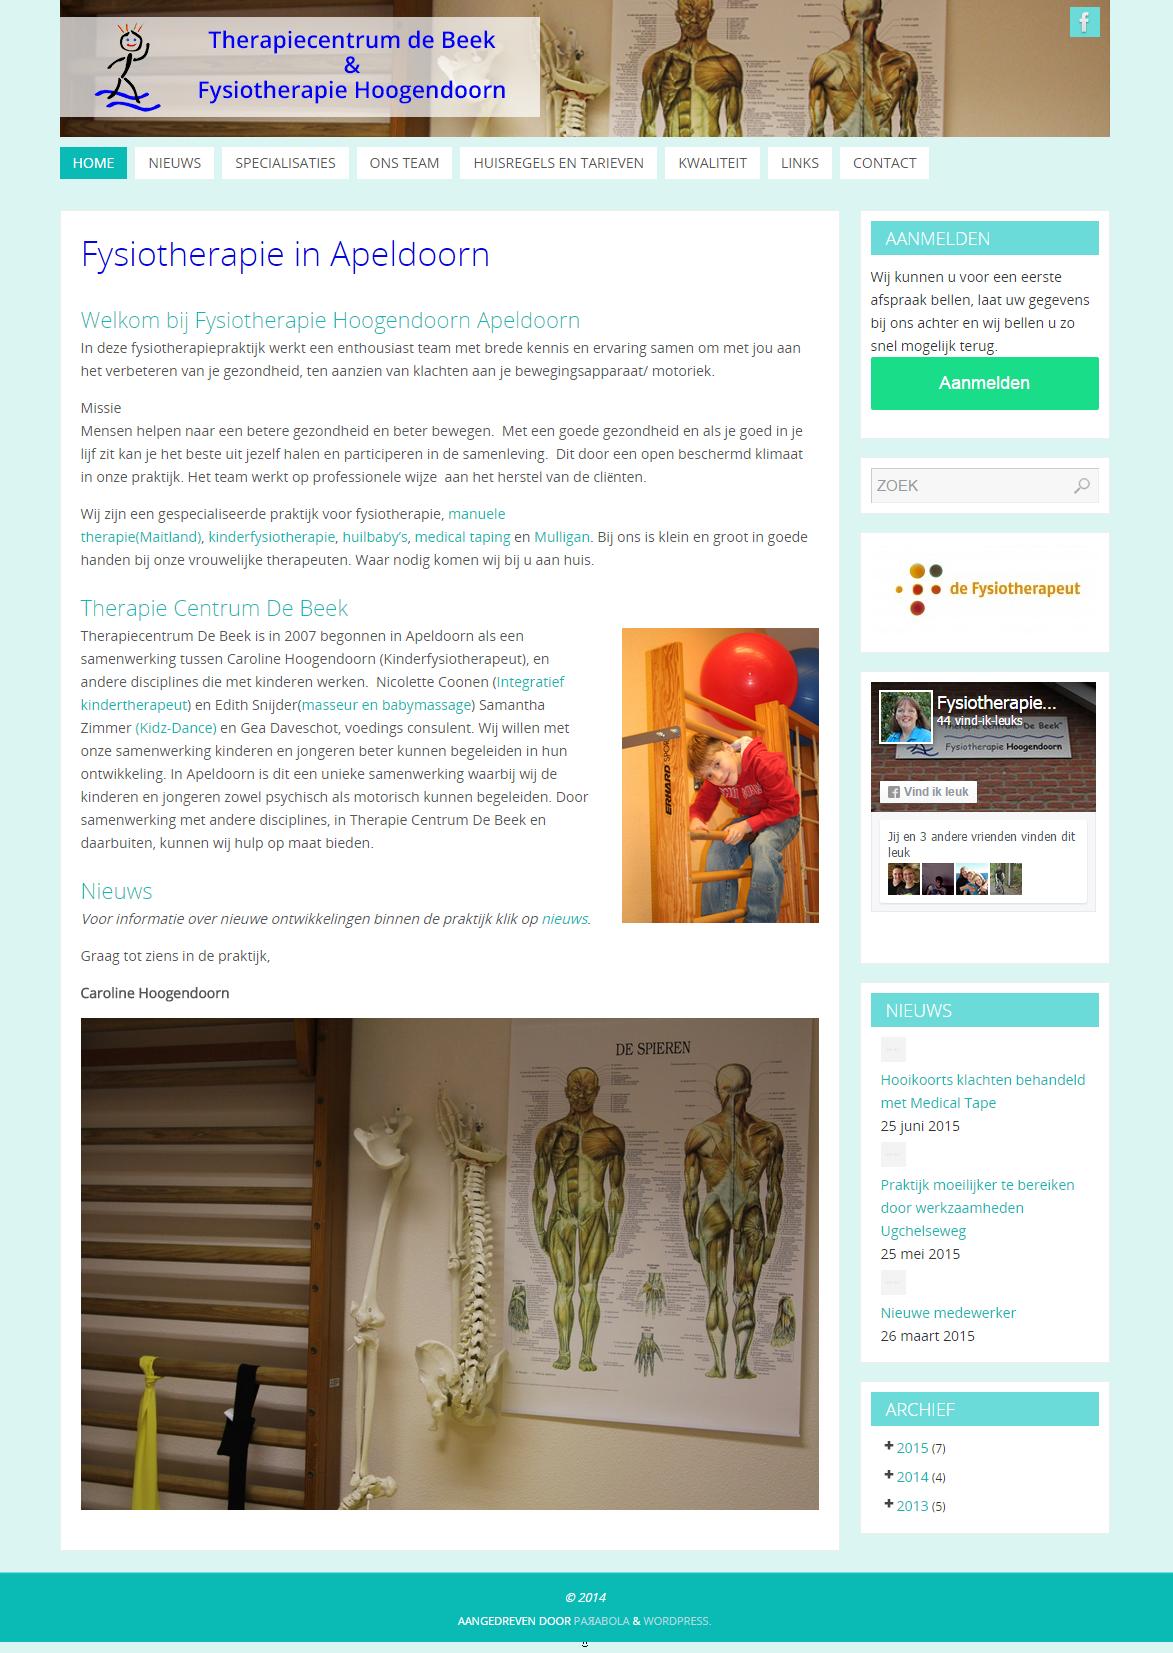 Fysiotherapie in Apeldoorn   Fysiotherapie Hoogendoorn en Therapiecentrum de Beek